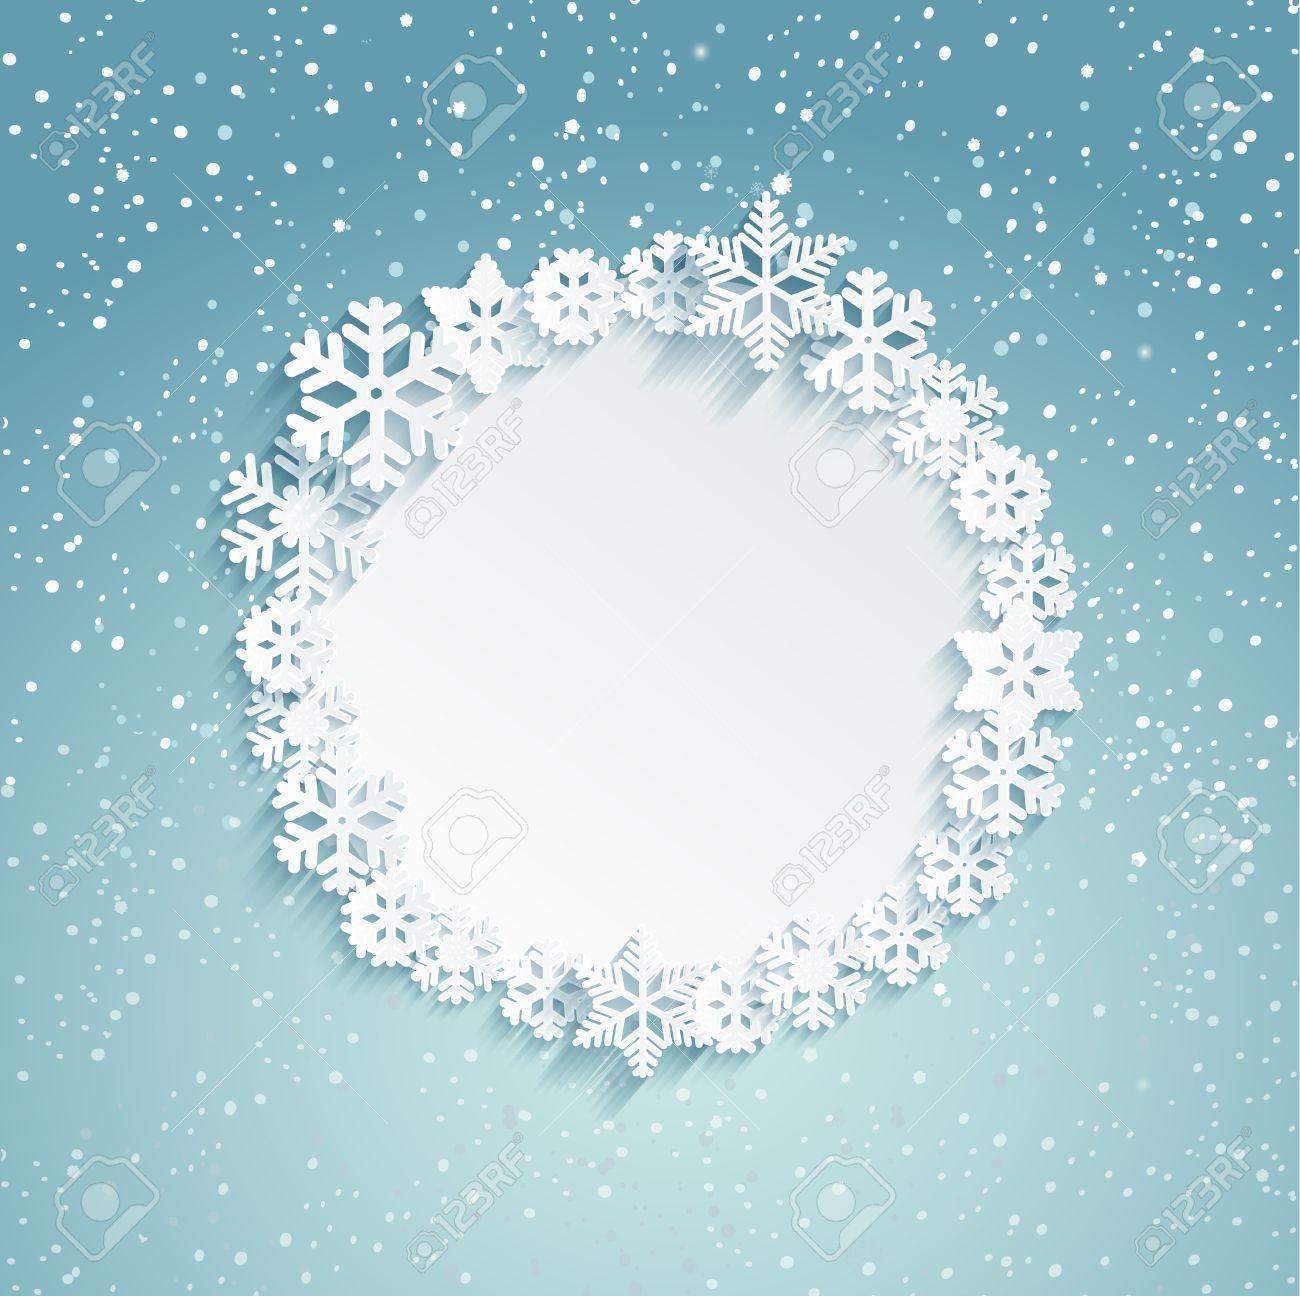 Rund Weihnachten Rahmen Mit Schneeflocken - Vorlage Für Die ...